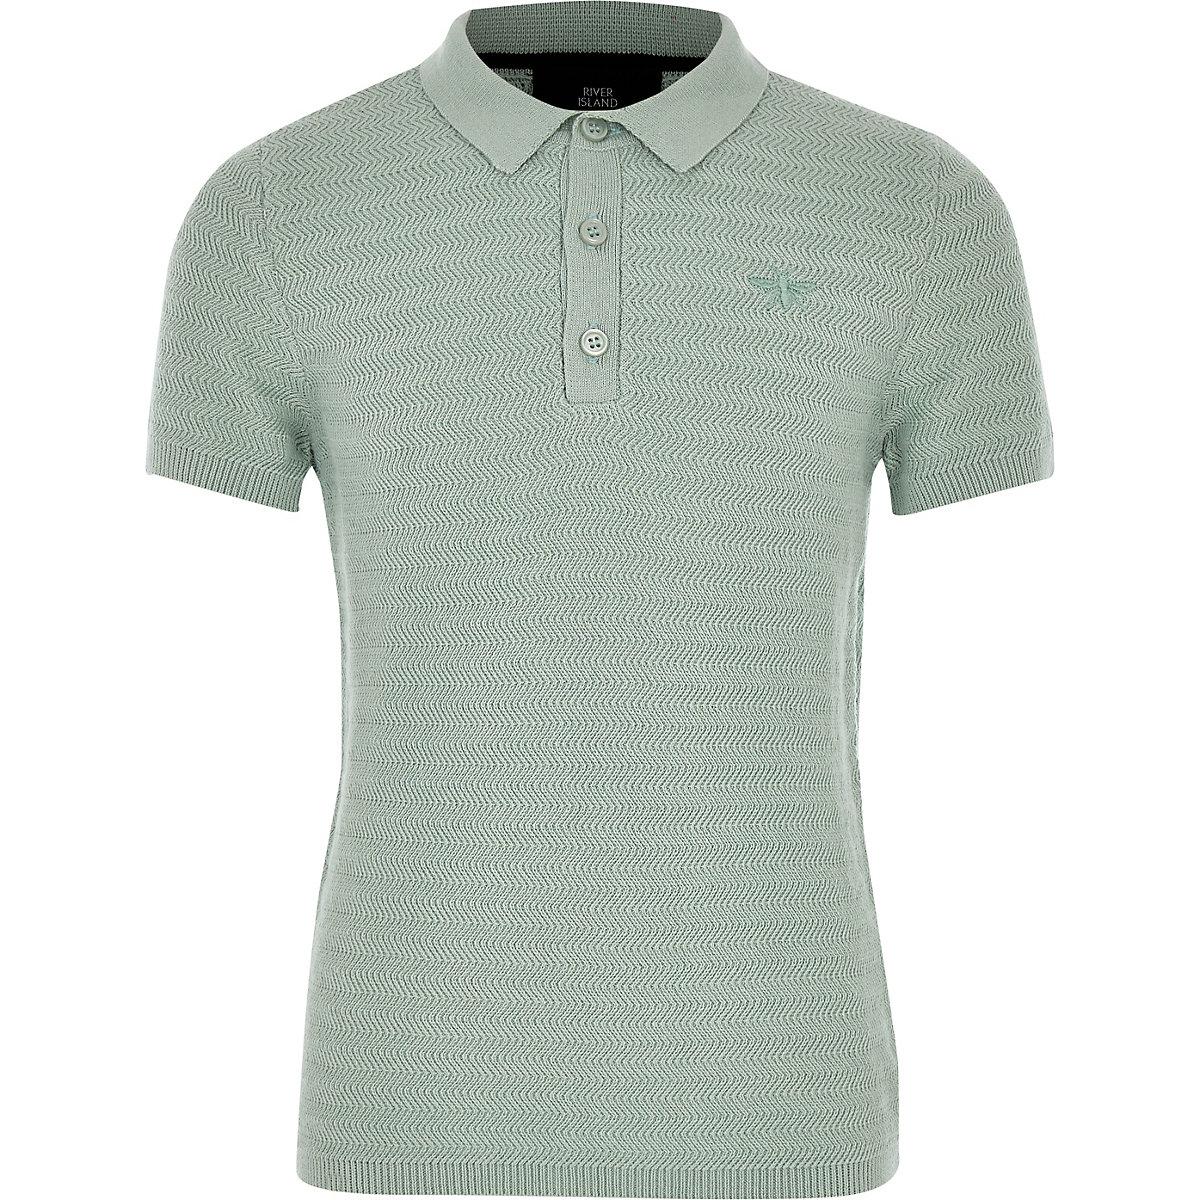 Boys Green Textured Polo Shirt Polo Shirts Boys